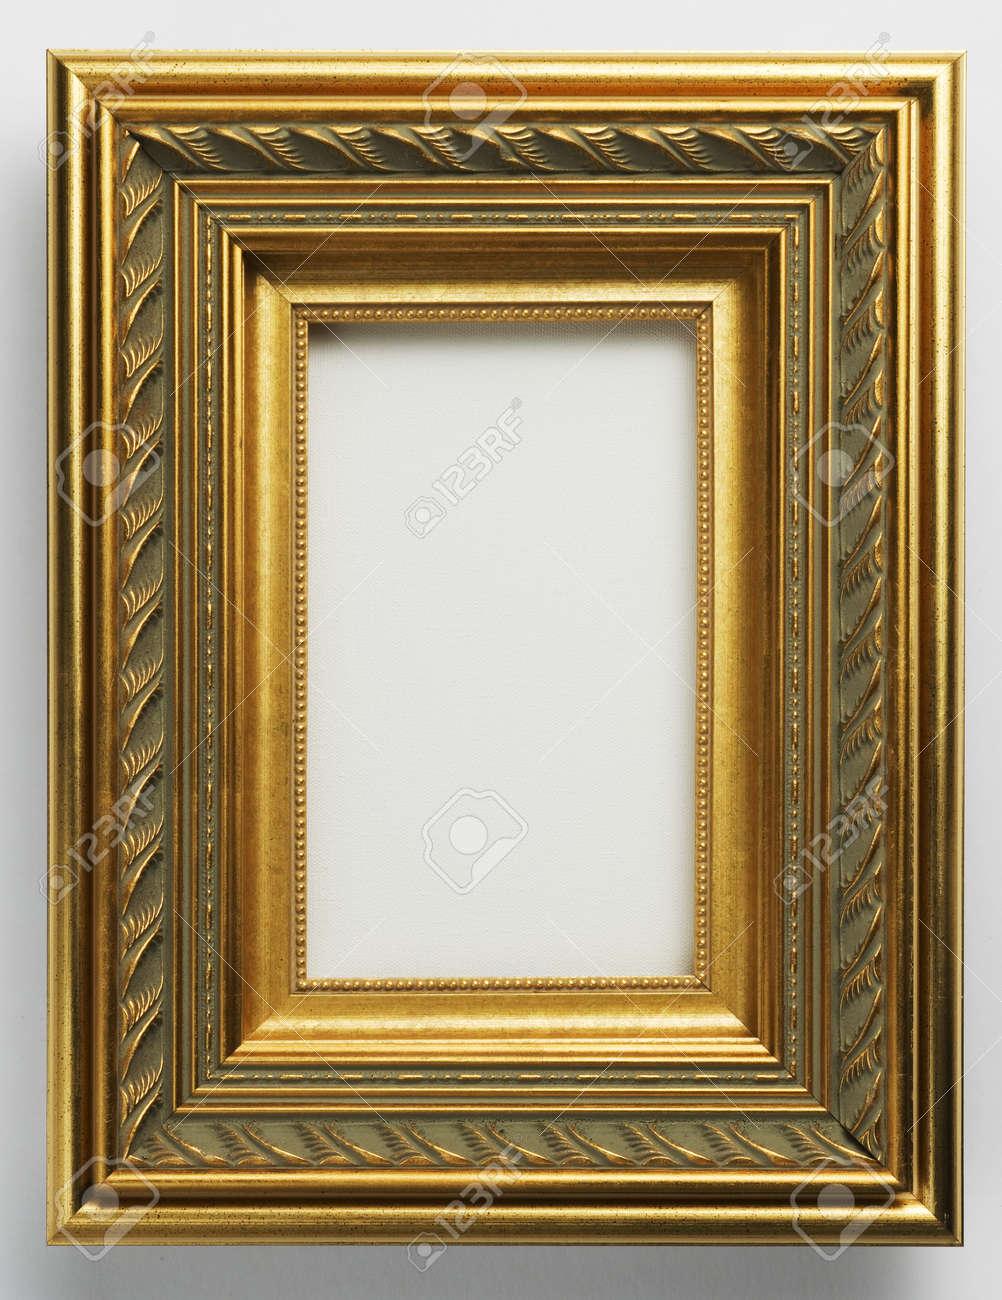 Antik Gold Verzierten Bilderrahmen Auf Weiß Lizenzfreie Fotos ...